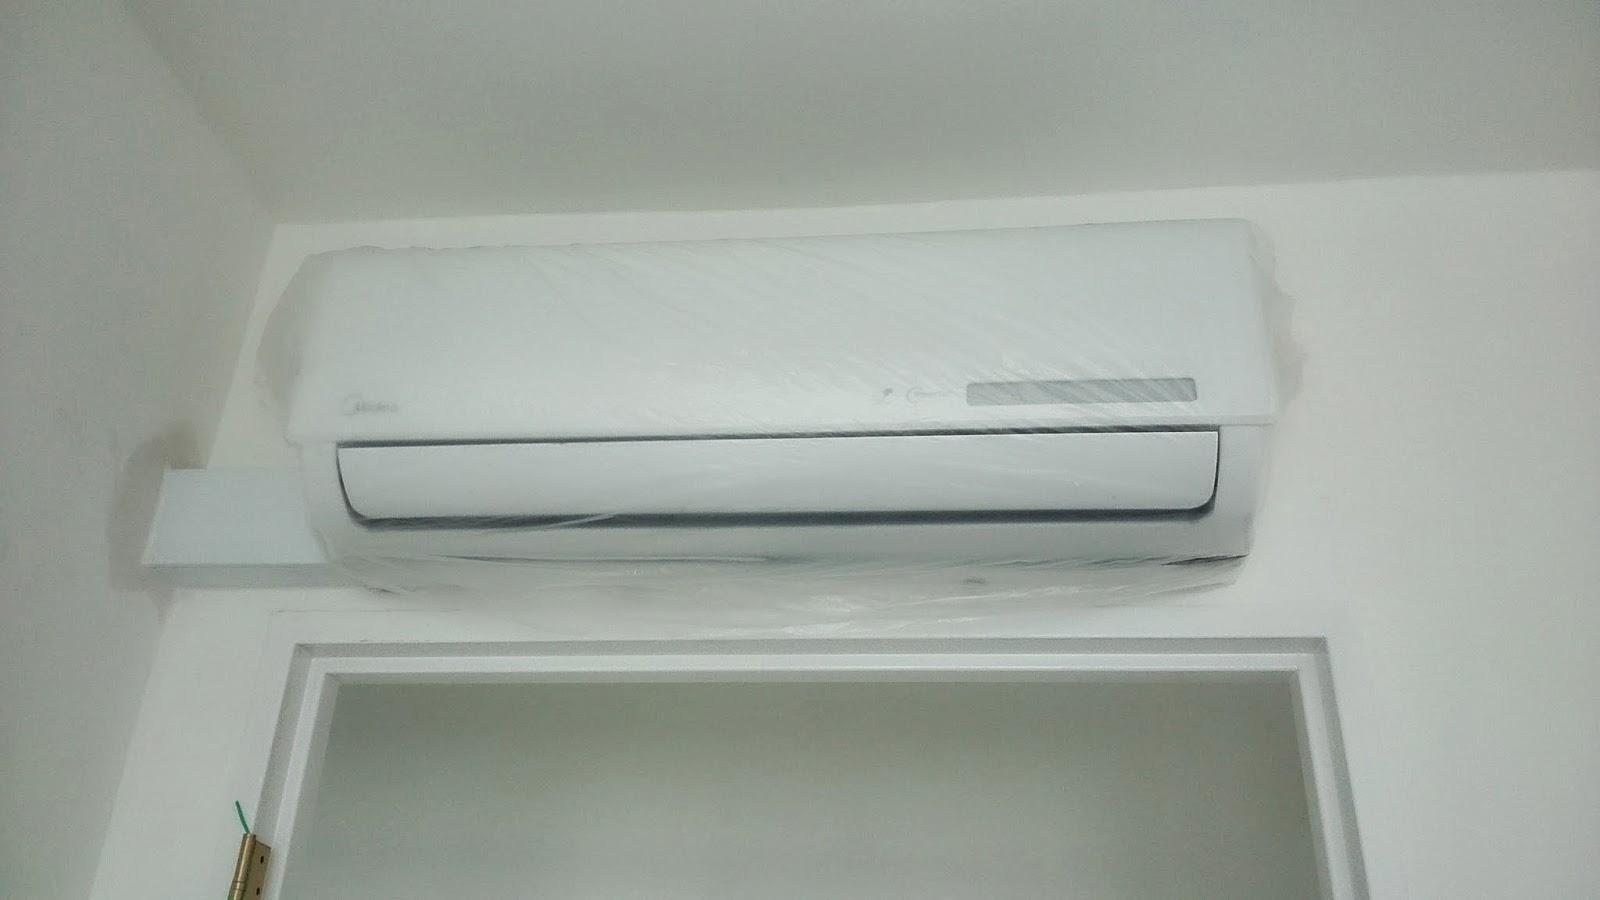 DIY renovation!: Midea Air conditioner installation day #595136